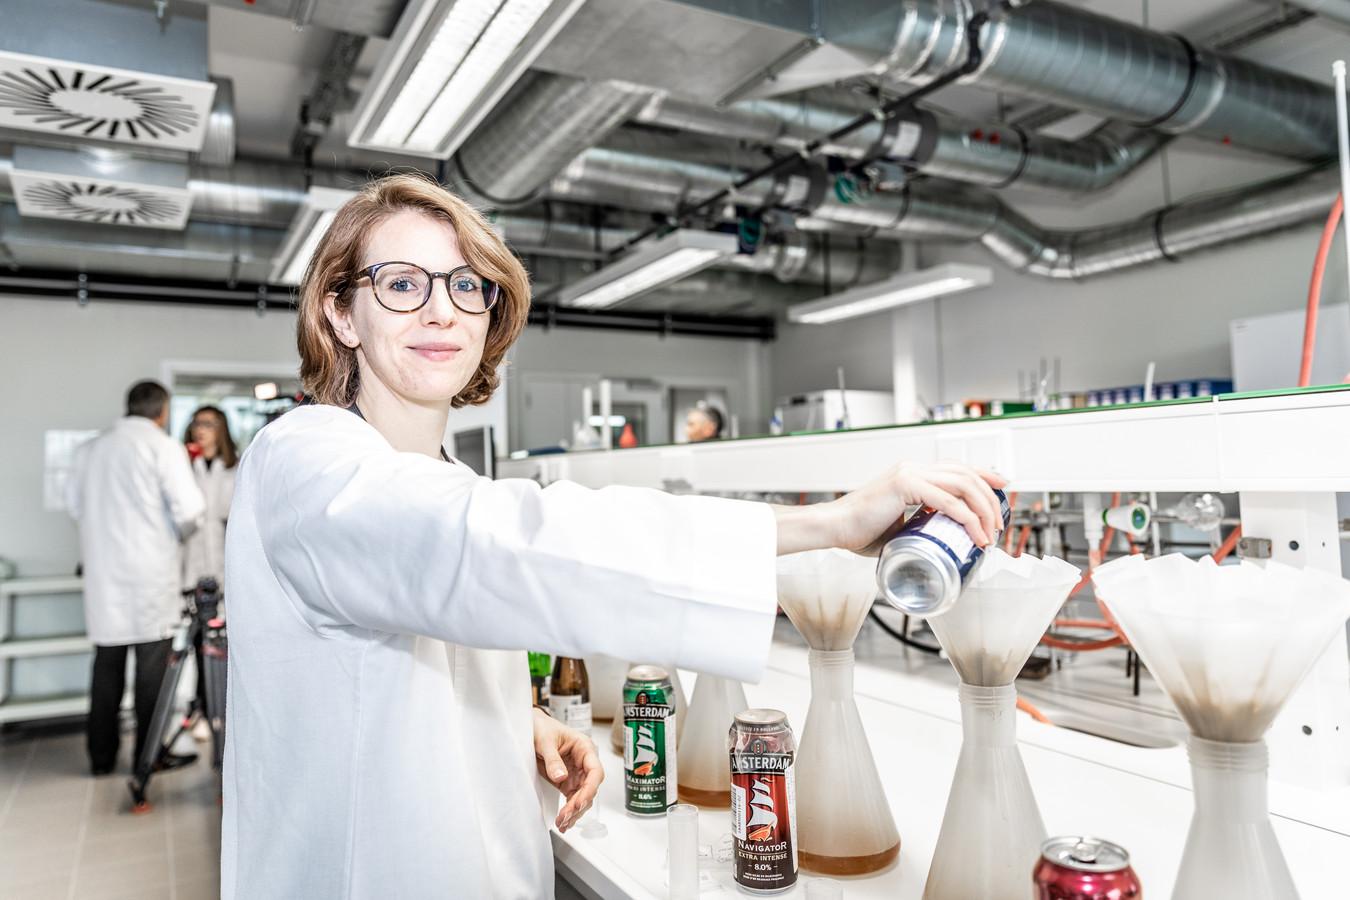 In het laboratorium Douane en Accijnzen worden jaarlijks 1.500 bieren geanalyseerd. Niet om de juiste smaak te bepalen, maar wel om na te gaan of het juiste accijnsregime toegepast wordt.